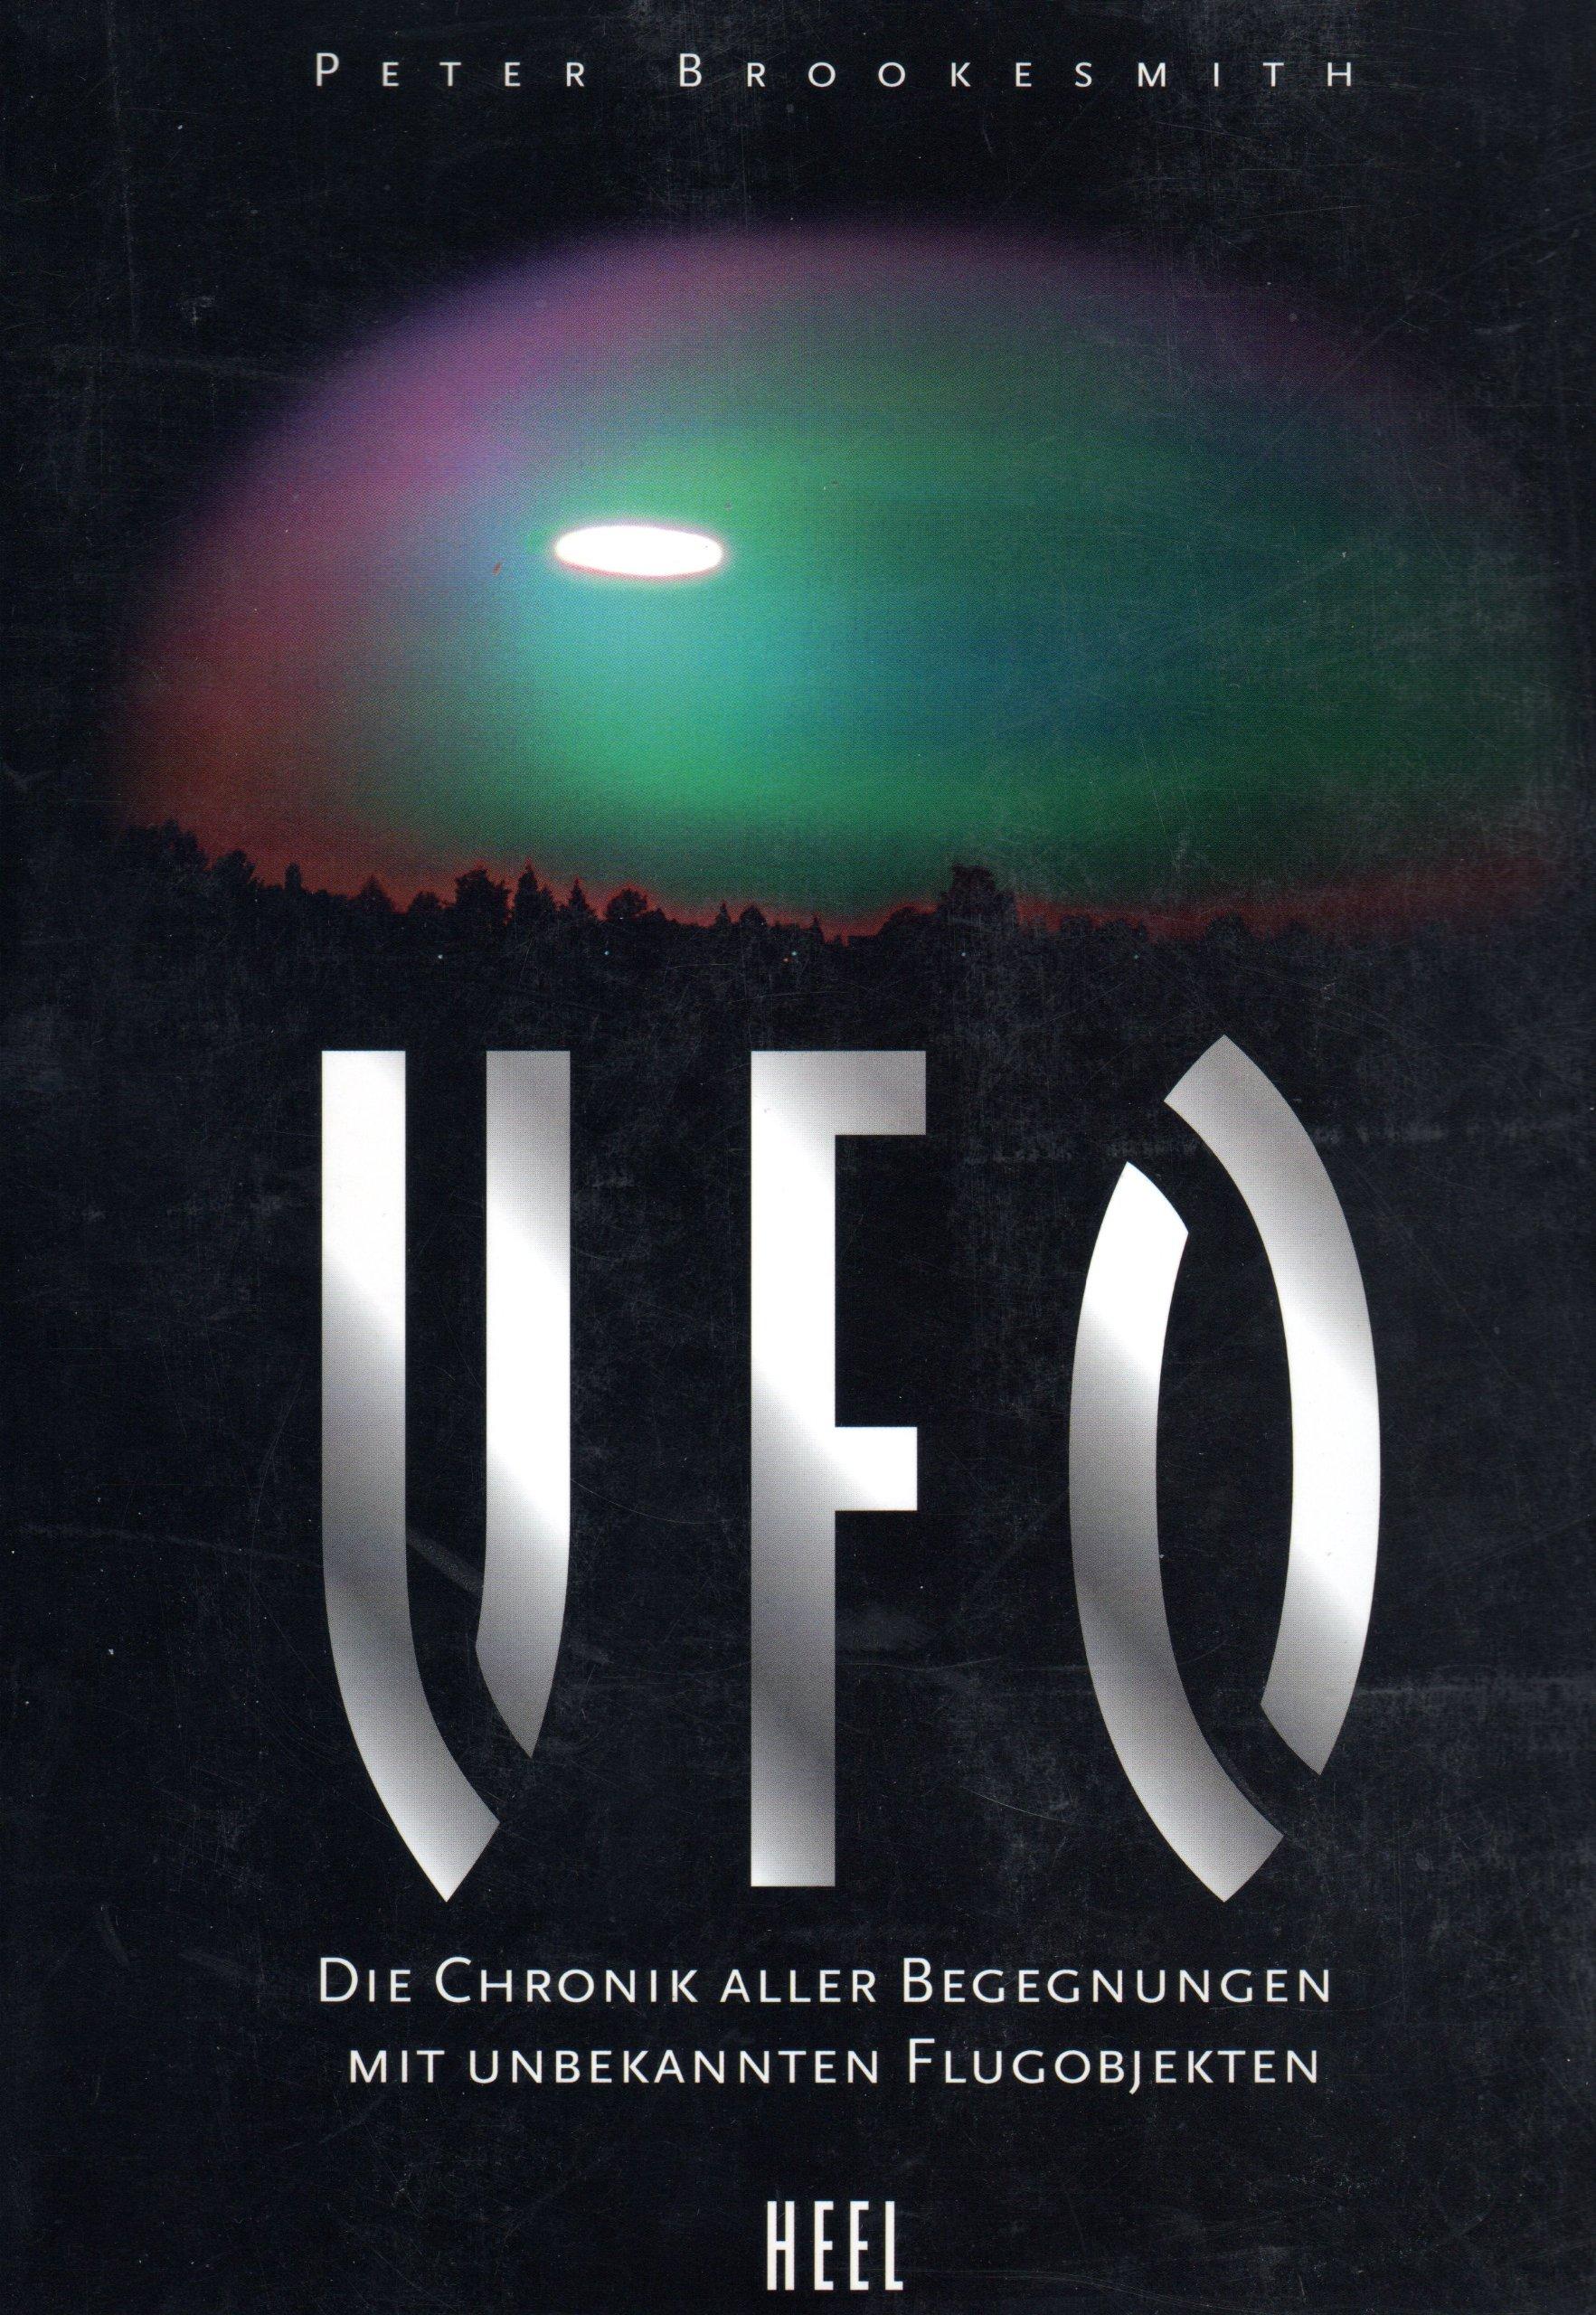 UFO, die Chronik aller Begegnungen mit unbekannten Flugobjekten